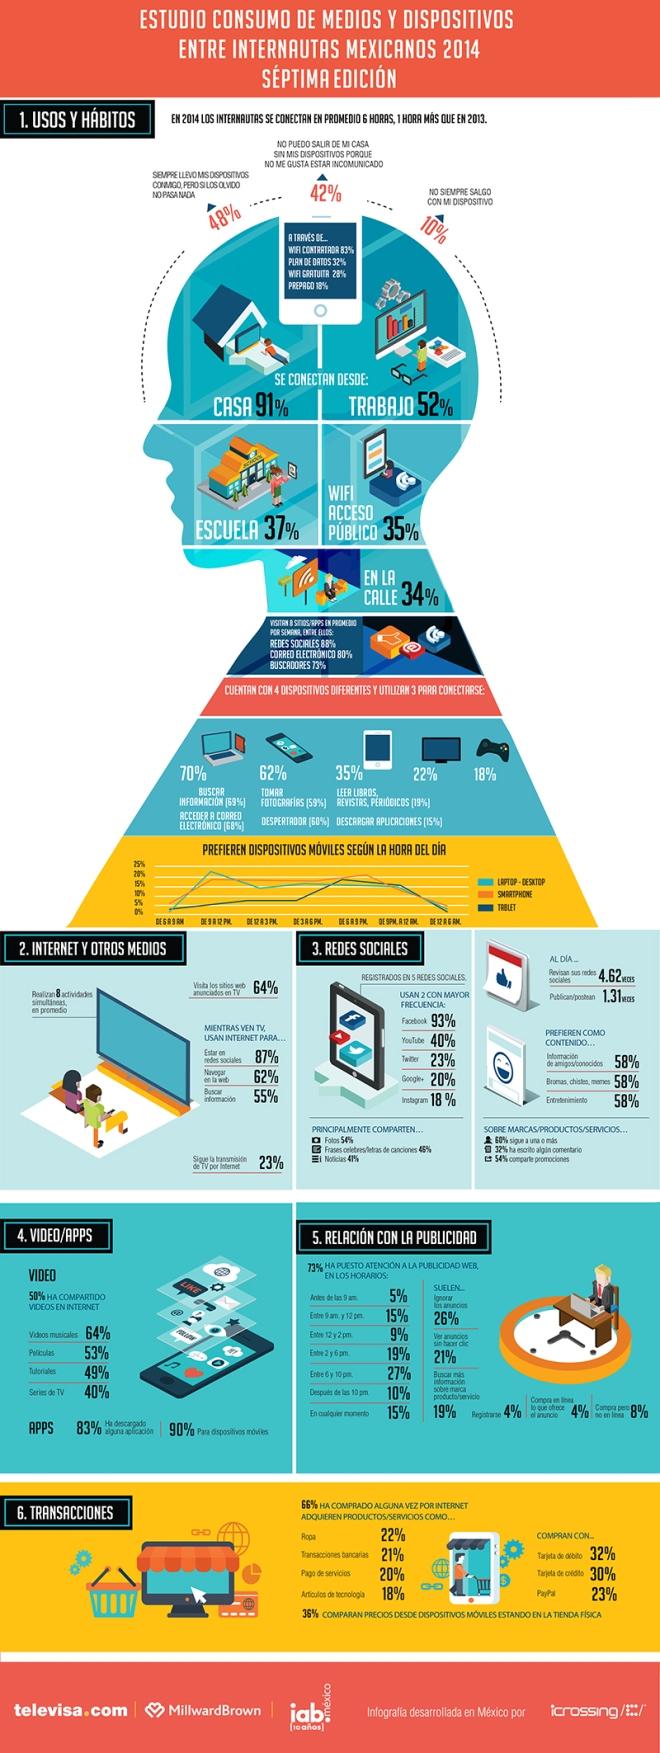 Consumo de medios y dispositivos entre internautas mexicanos 2014